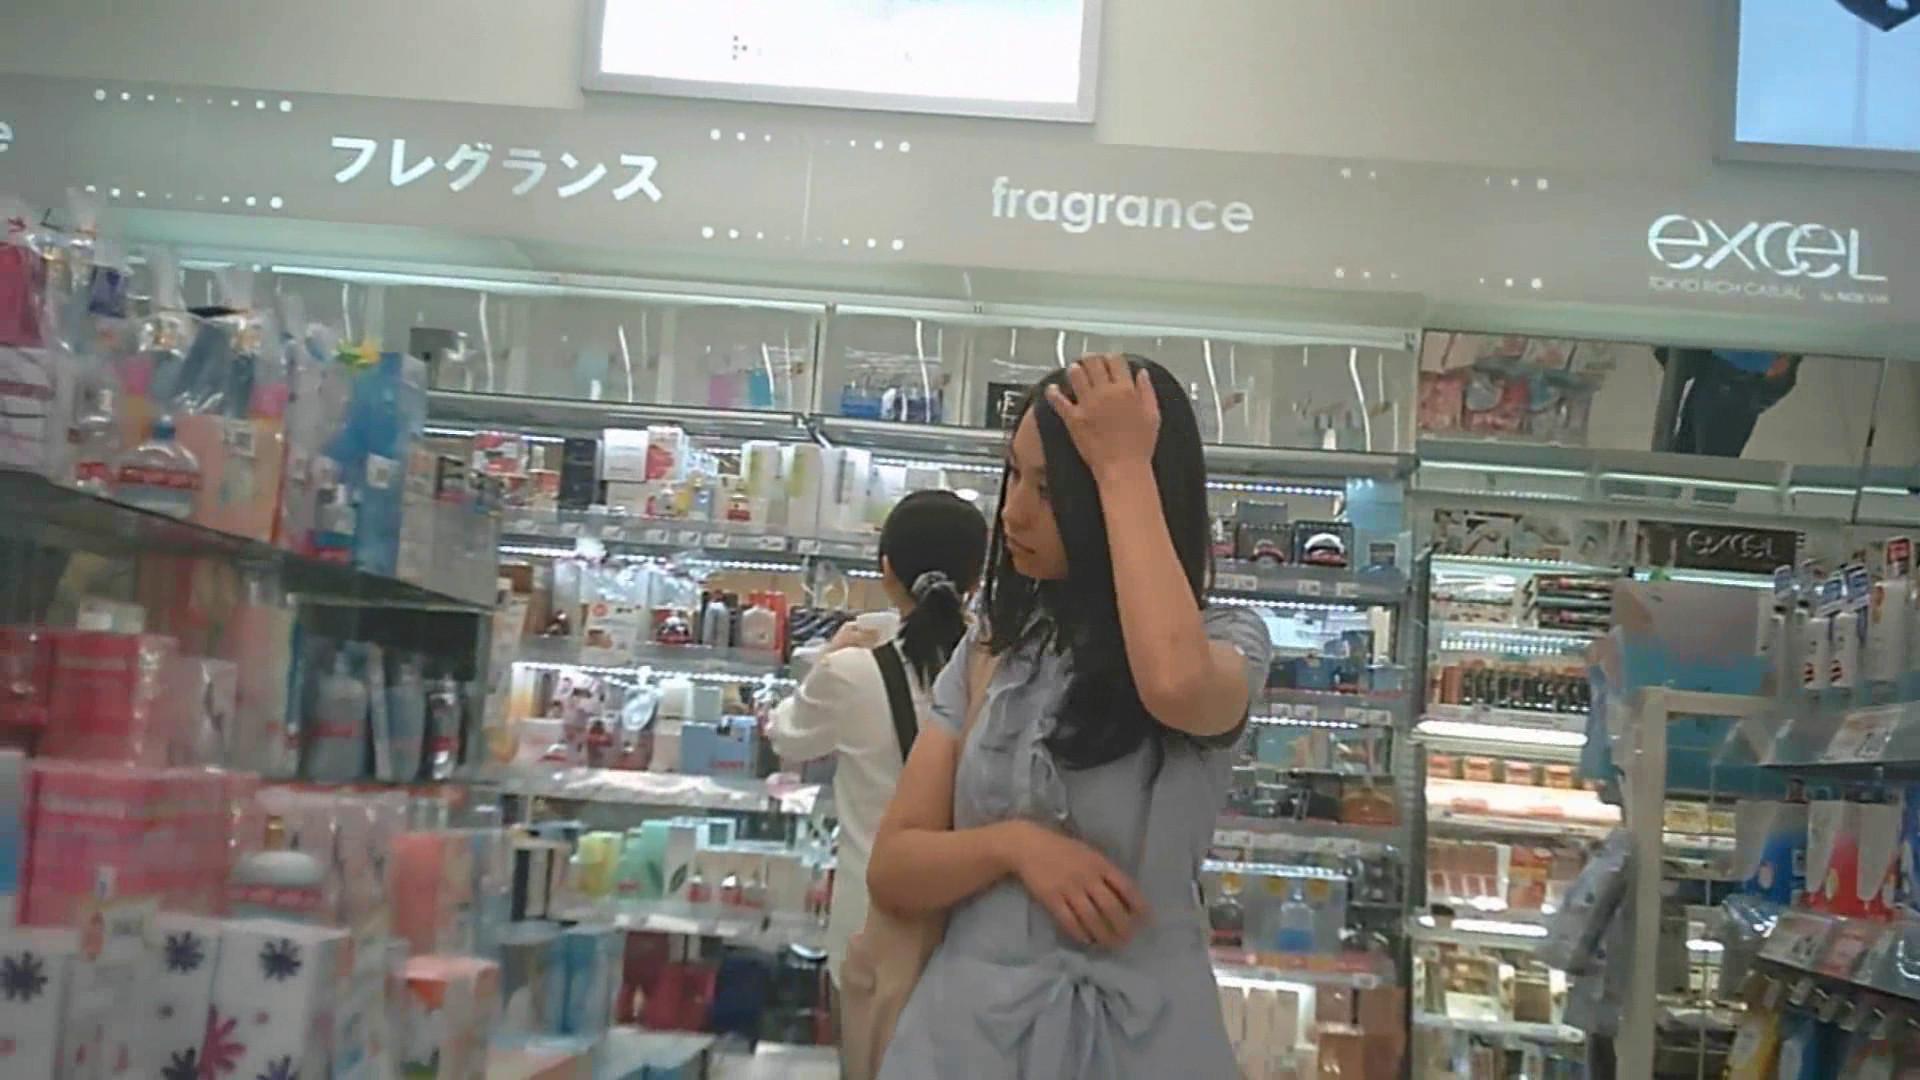 (パンツ丸見え)お買い物中のミニスカさんのスカートの中身を隠し撮り